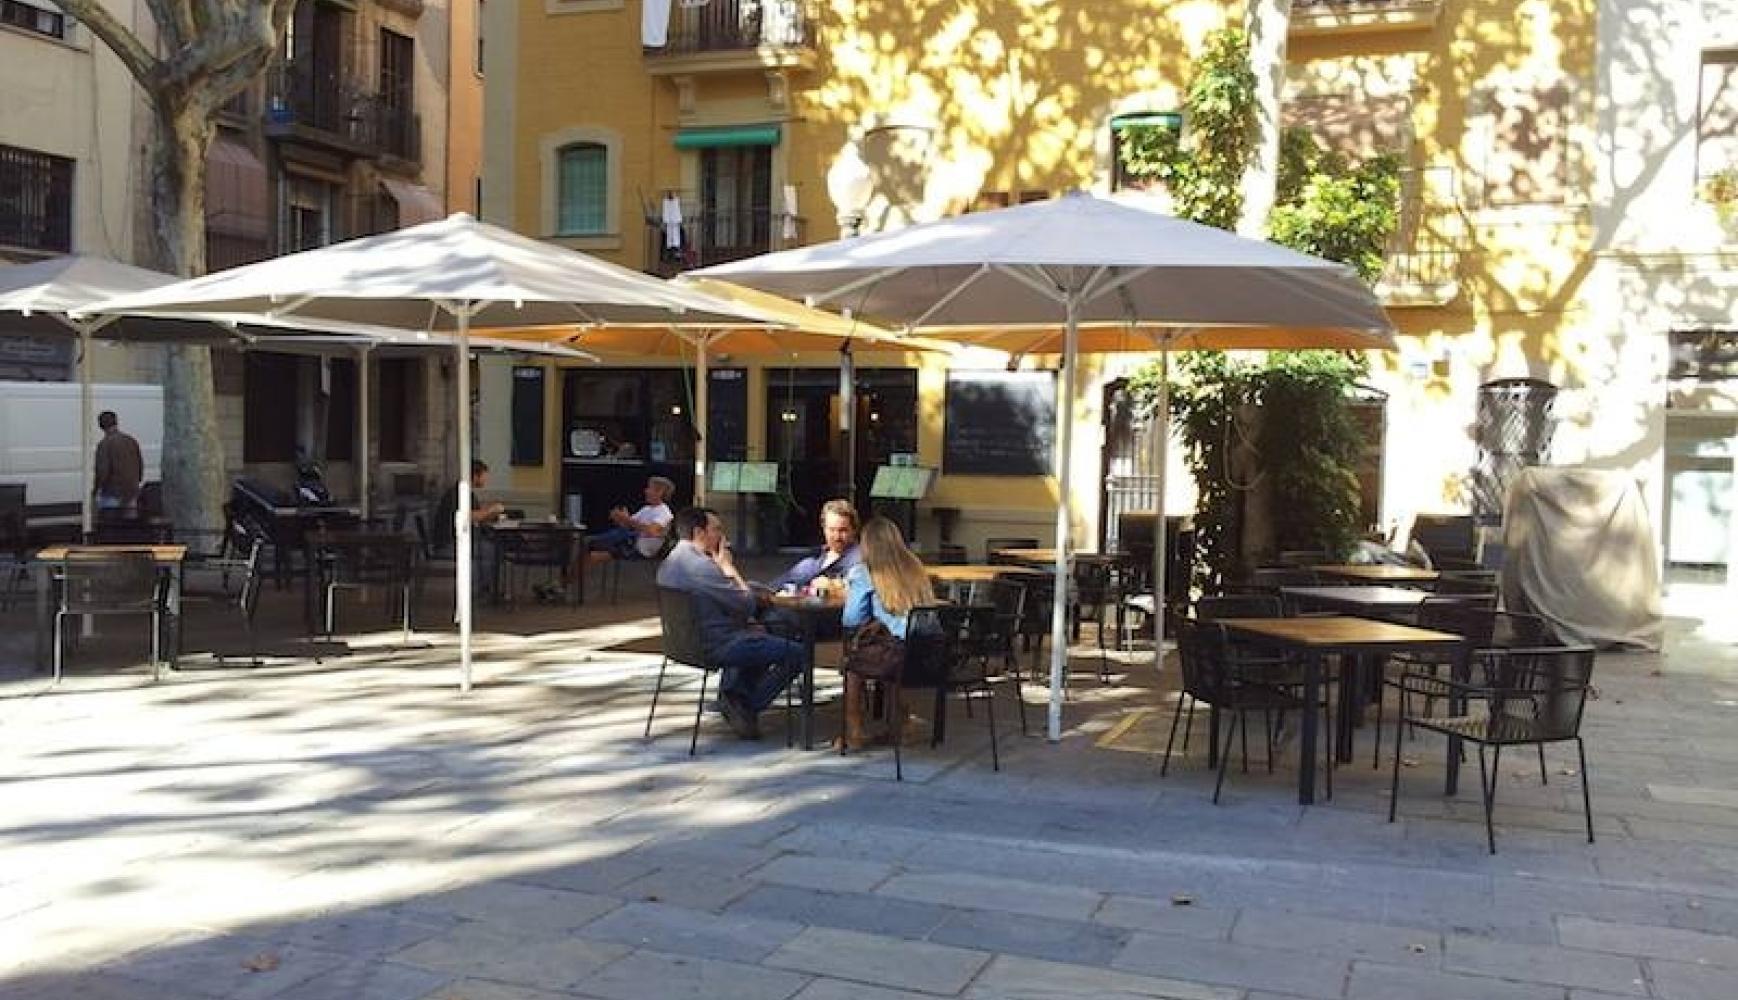 Los mejores terrazas de la barceloneta barcelona terrazeo - Terrazas de barcelona ...